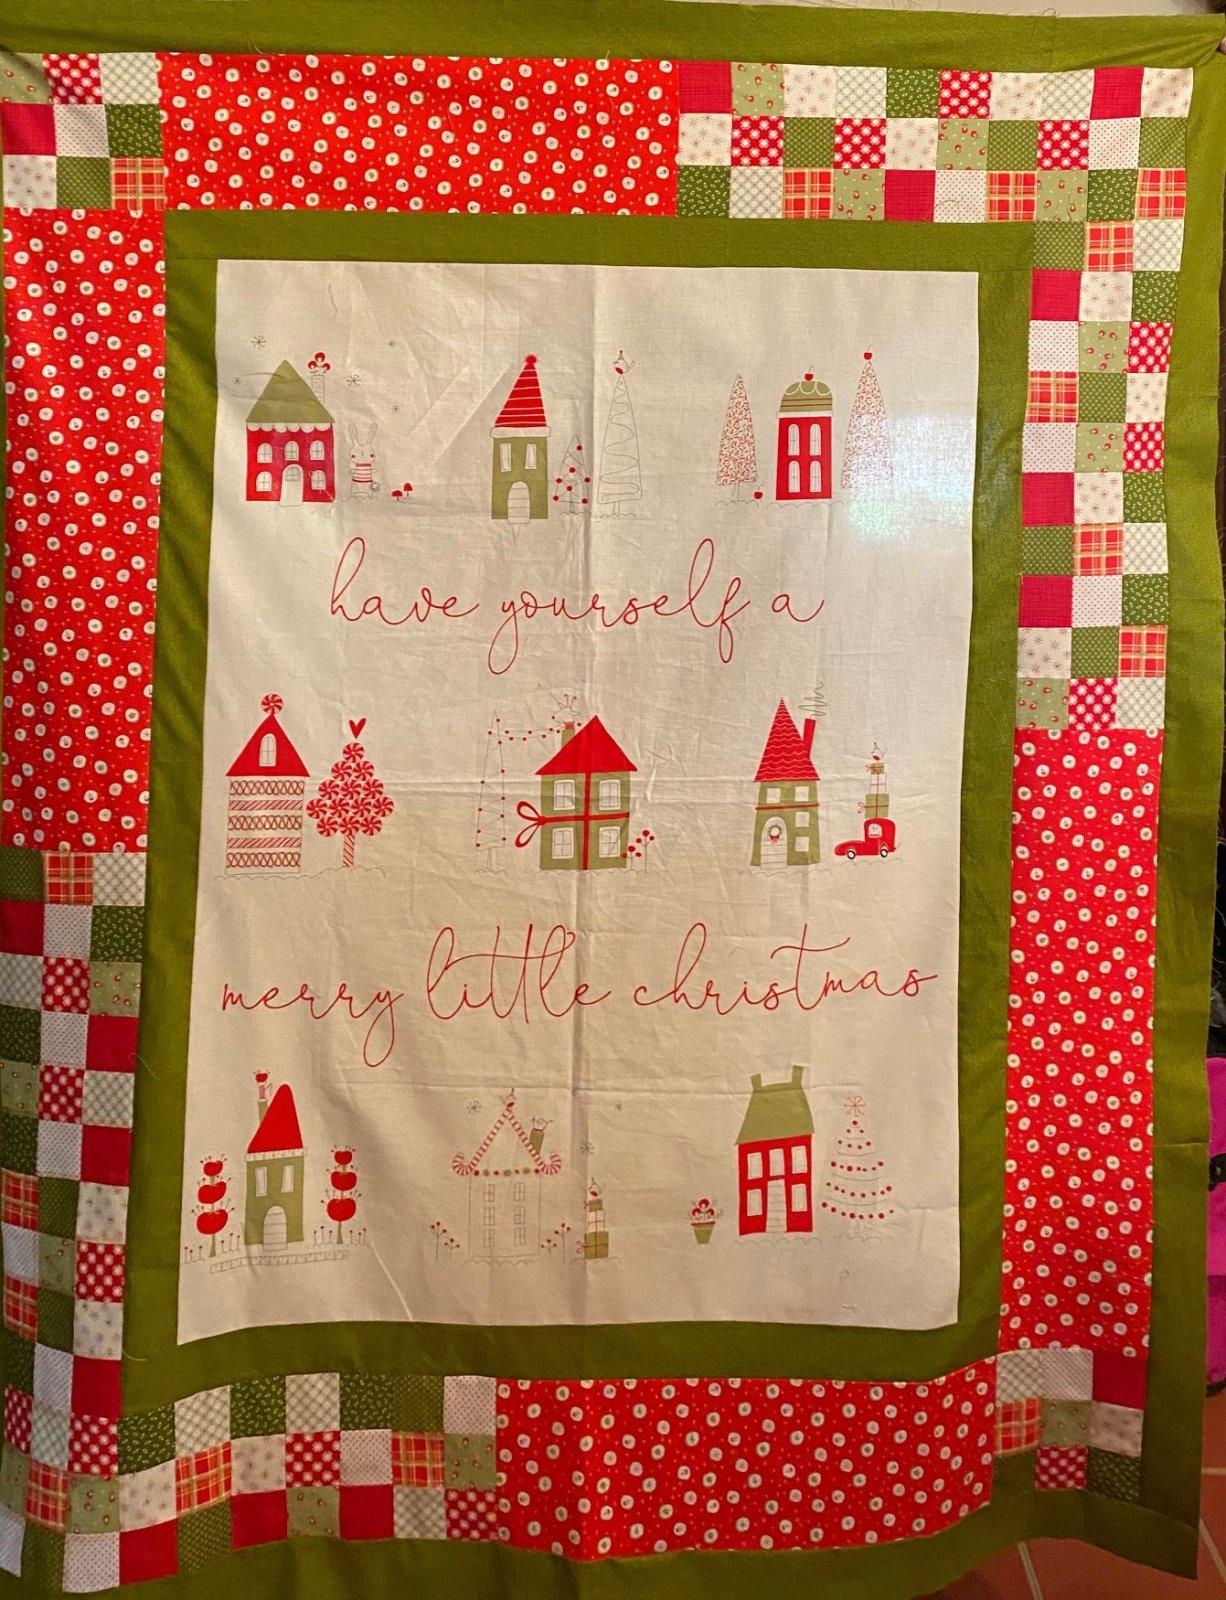 Merry Little Christmas Panel Kit